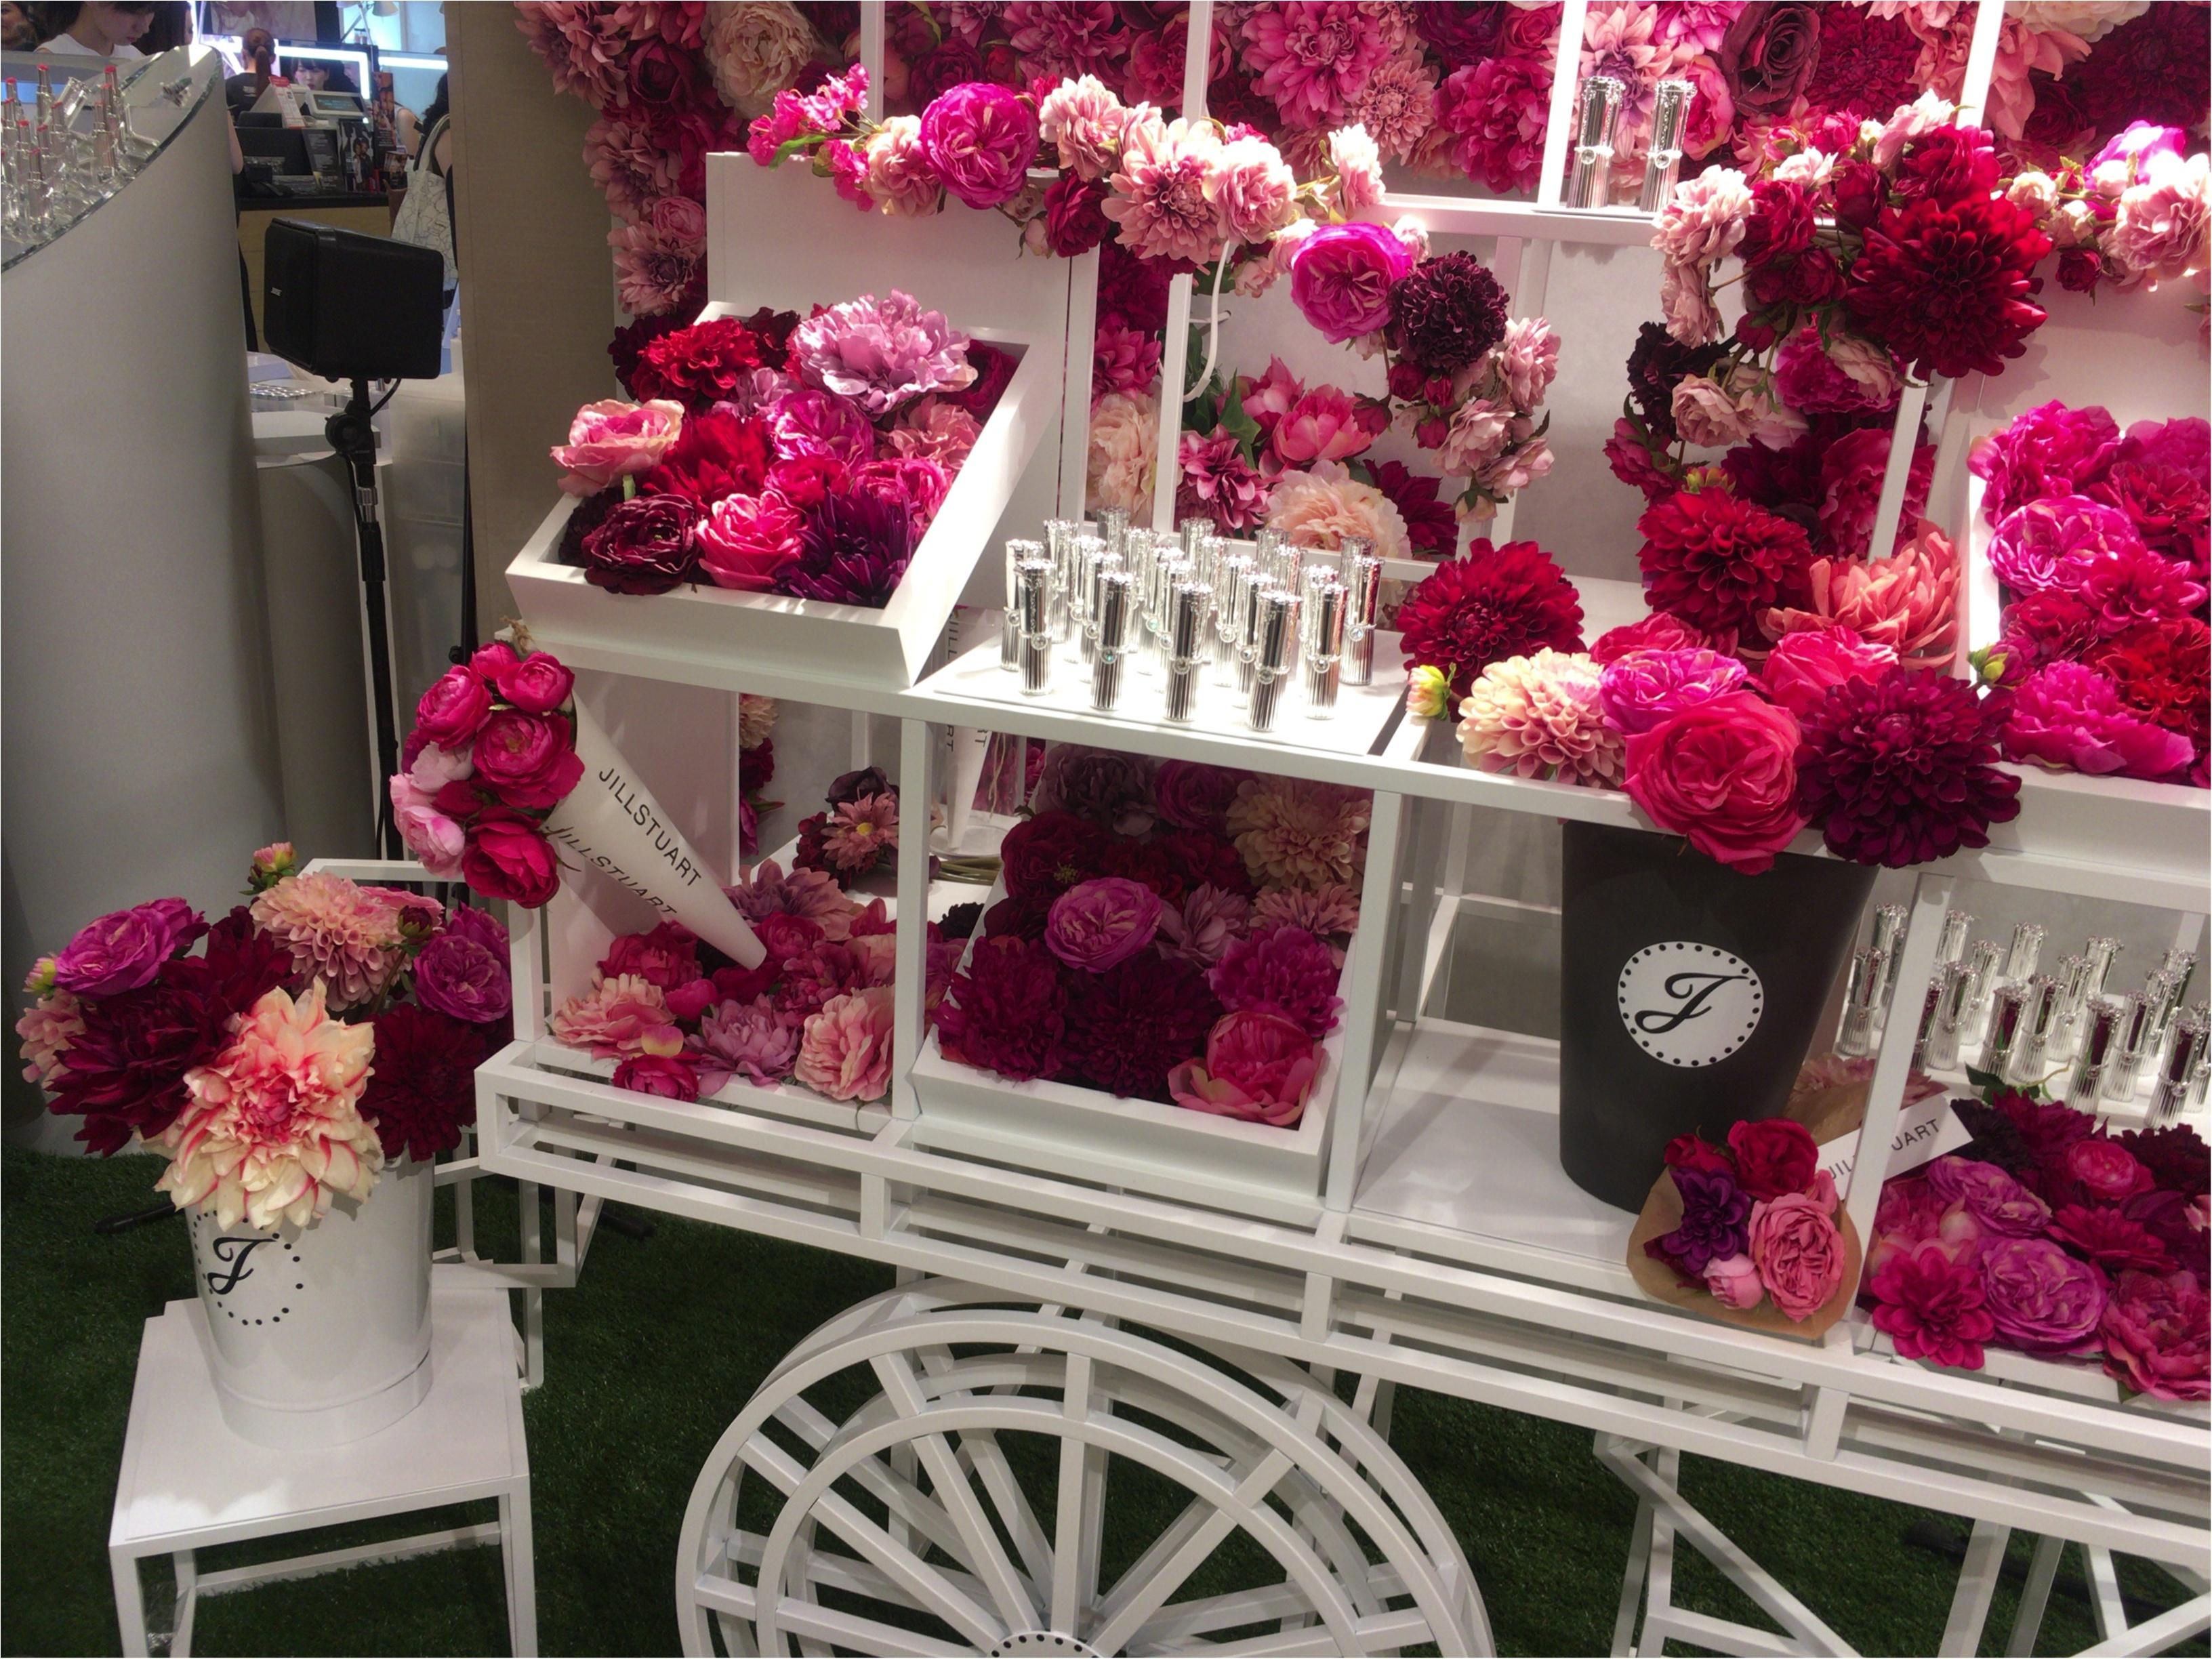 【ピンク色の刻印リップ】ジル新作秋コスメ♡限定イベント《ブロッサム》三都市開催!先着プレゼントも豪華♡_4